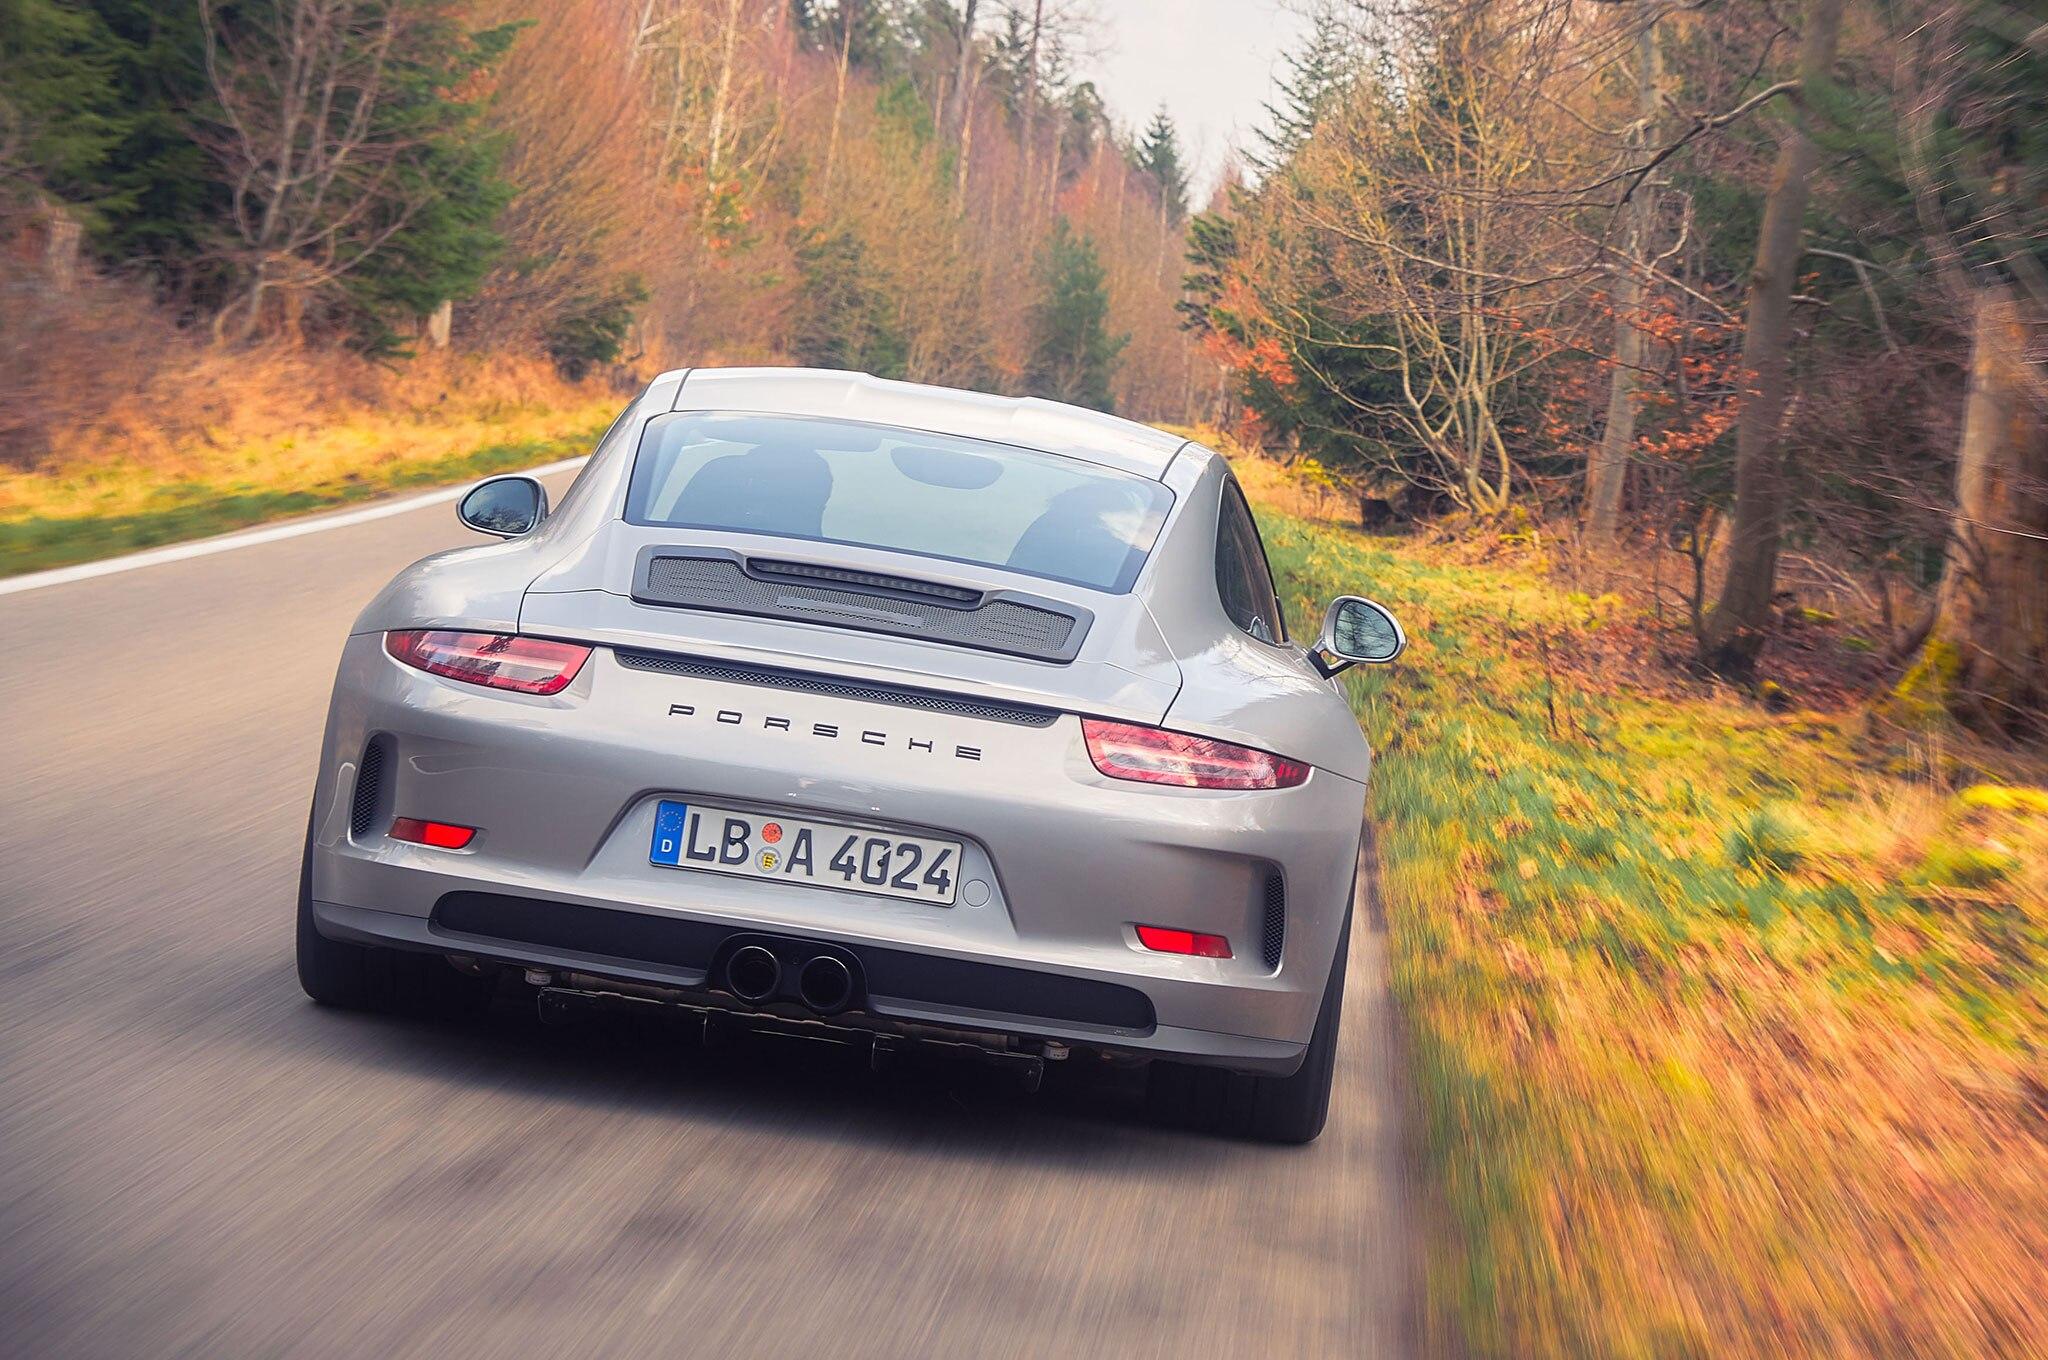 2016 porsche 911 r review show more sciox Images